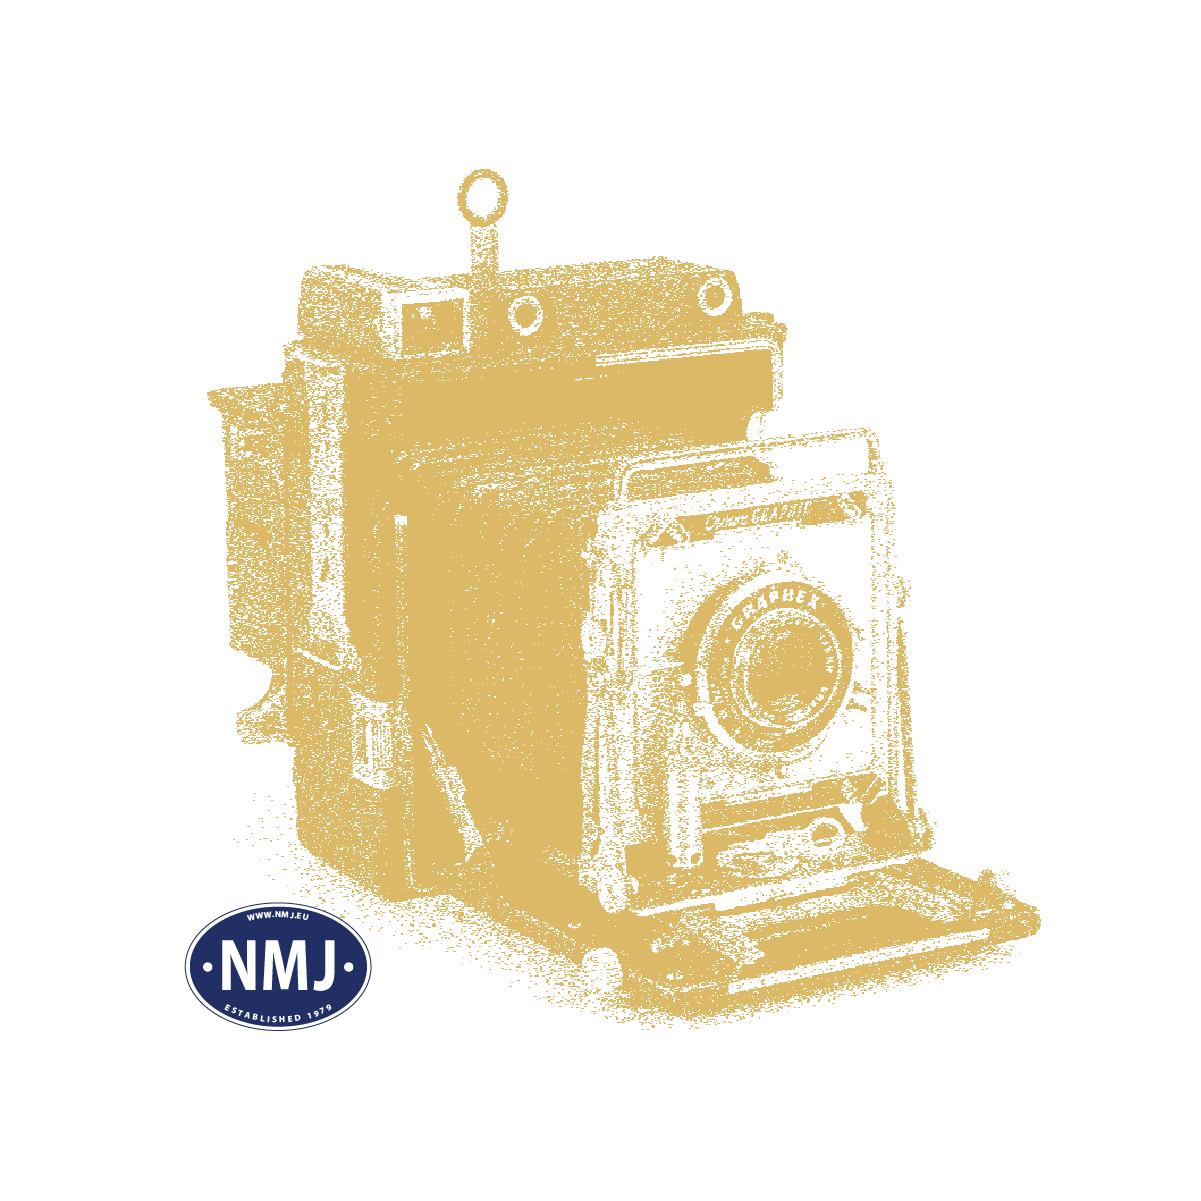 NMJSCOT5.162 - NMJ Superline Modell des Co type 5 No.162 der KFB ohne Zierlinien